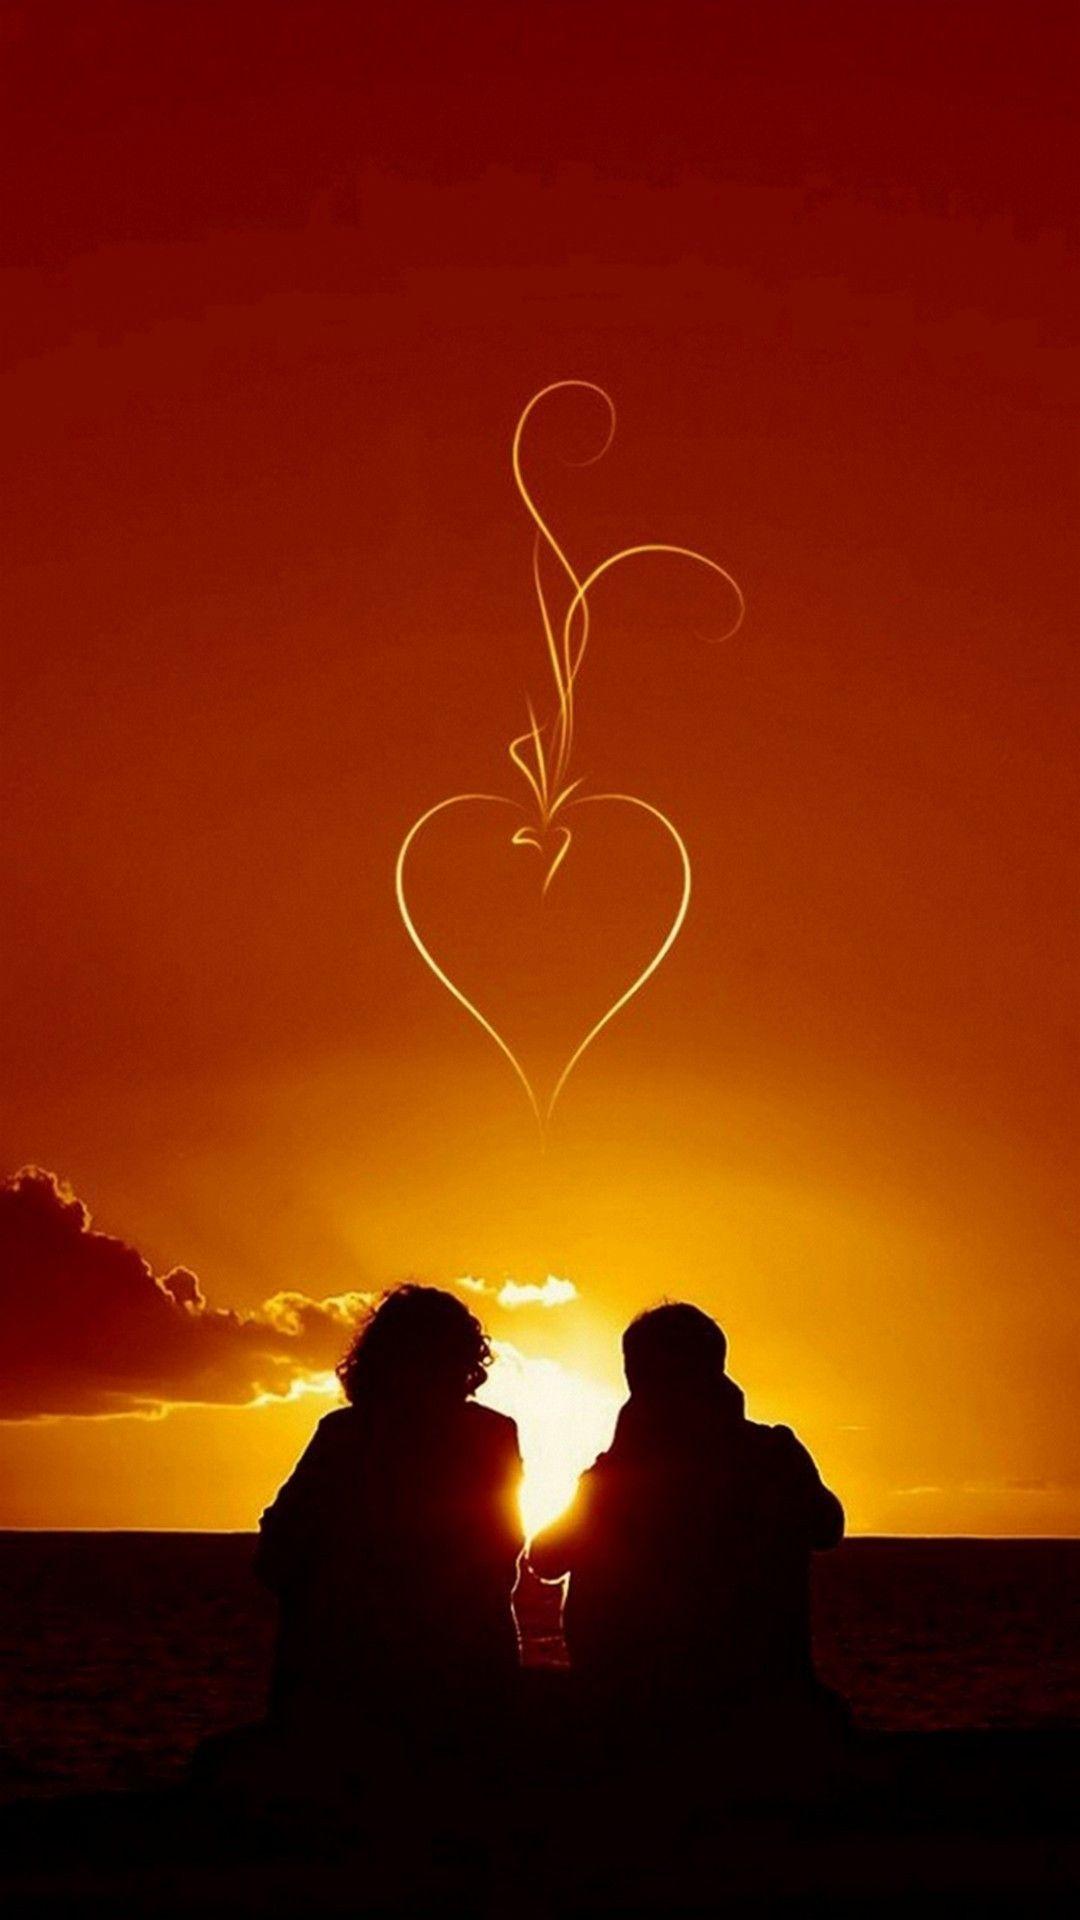 Best Love Wallpaper Hd - HD Wallpaper